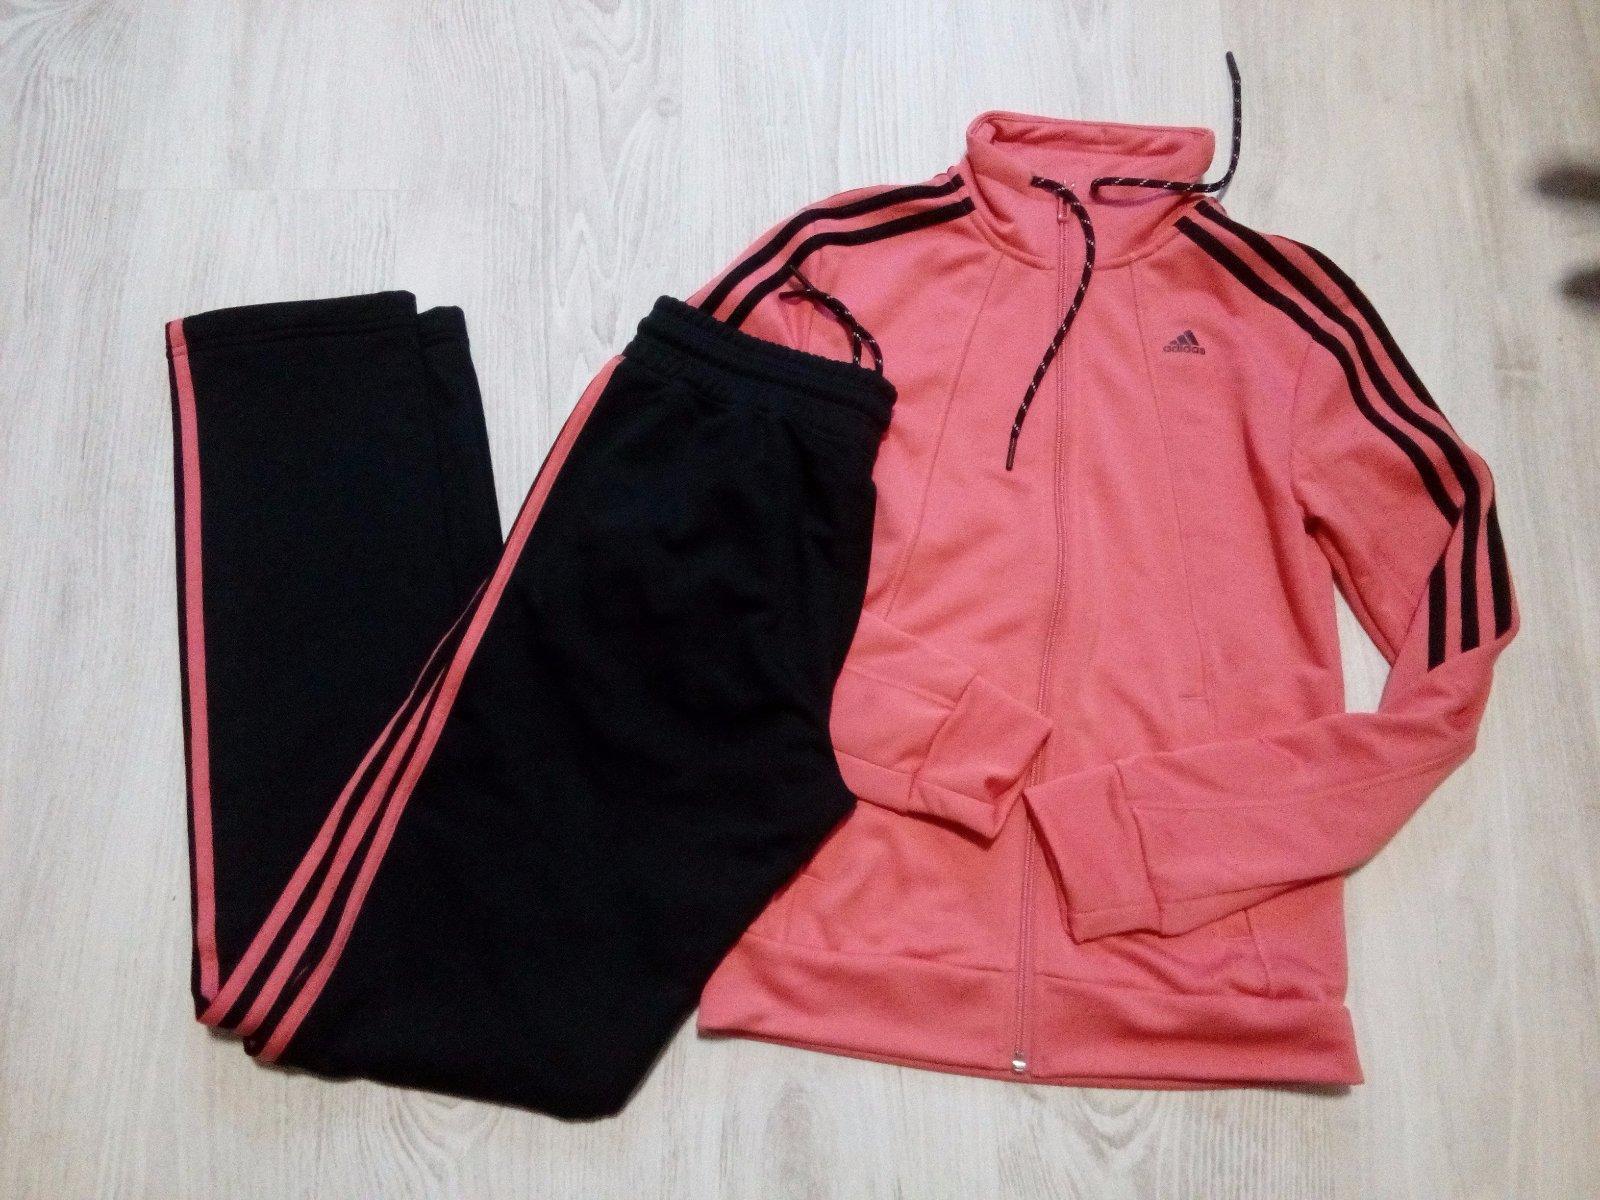 d75f15377722 Adidas dámska súprava veľ Xs - Bazár sulong - Morský Koník